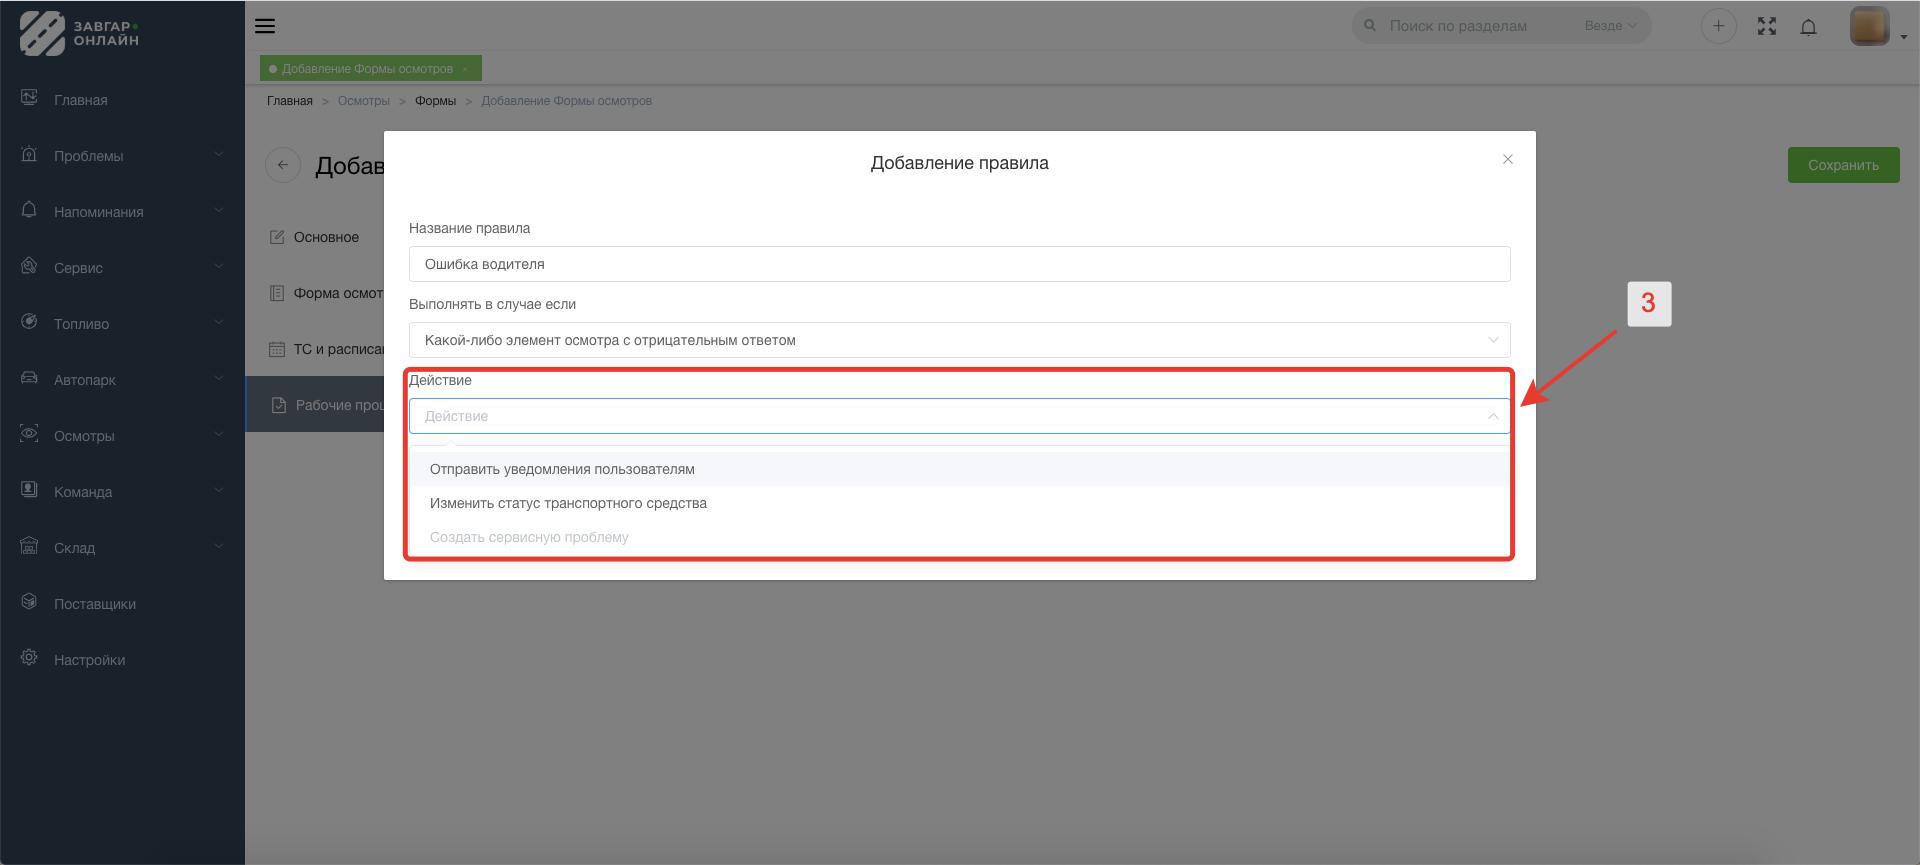 Последовательность действий при создании процессов осмотра в системе Завгар Онлайн